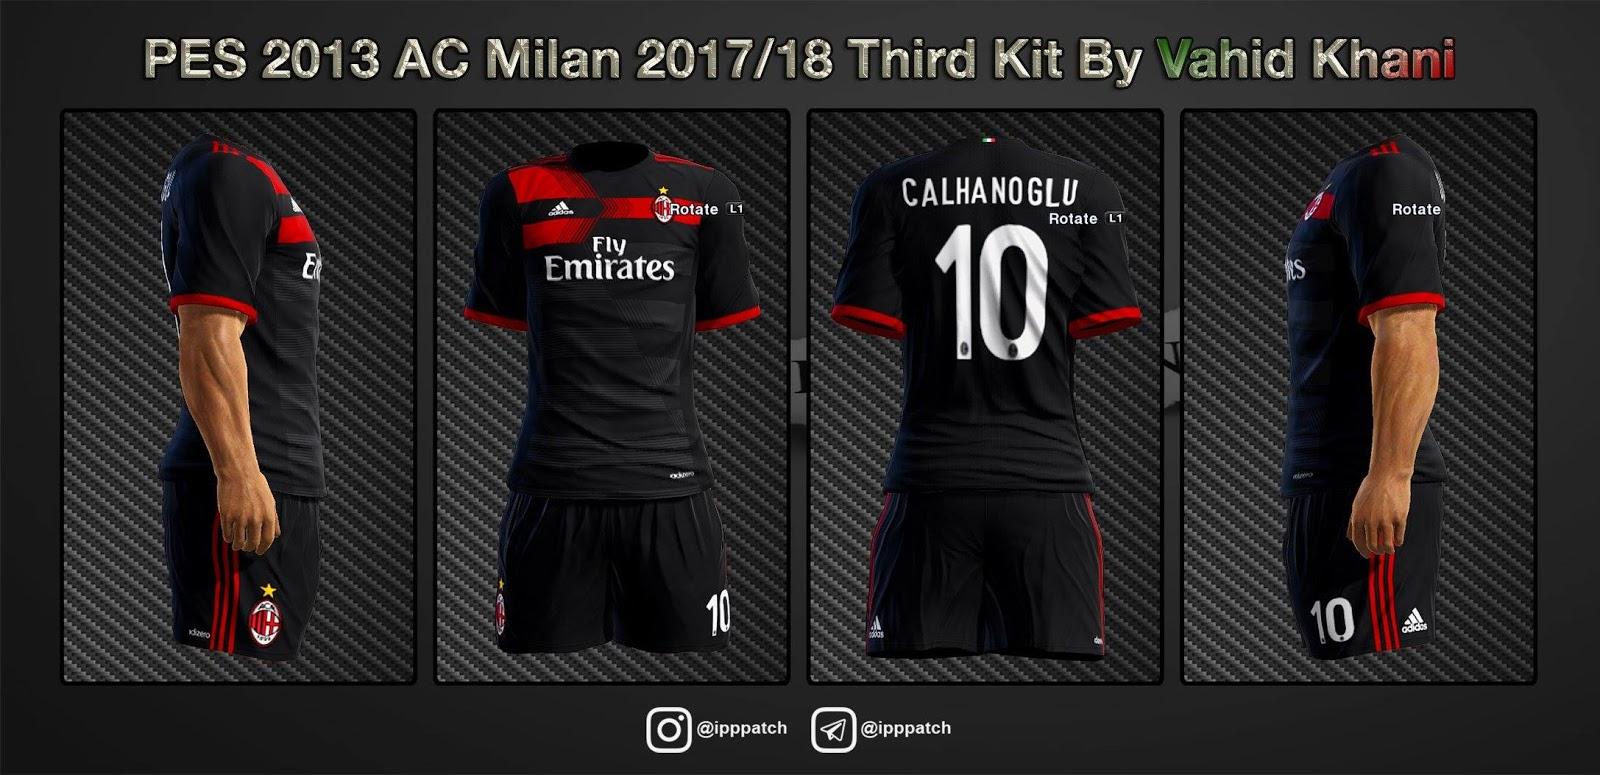 Pes-modif: PES 2013 AC Milan 2017/18 Third Kit By Vahid_Khani